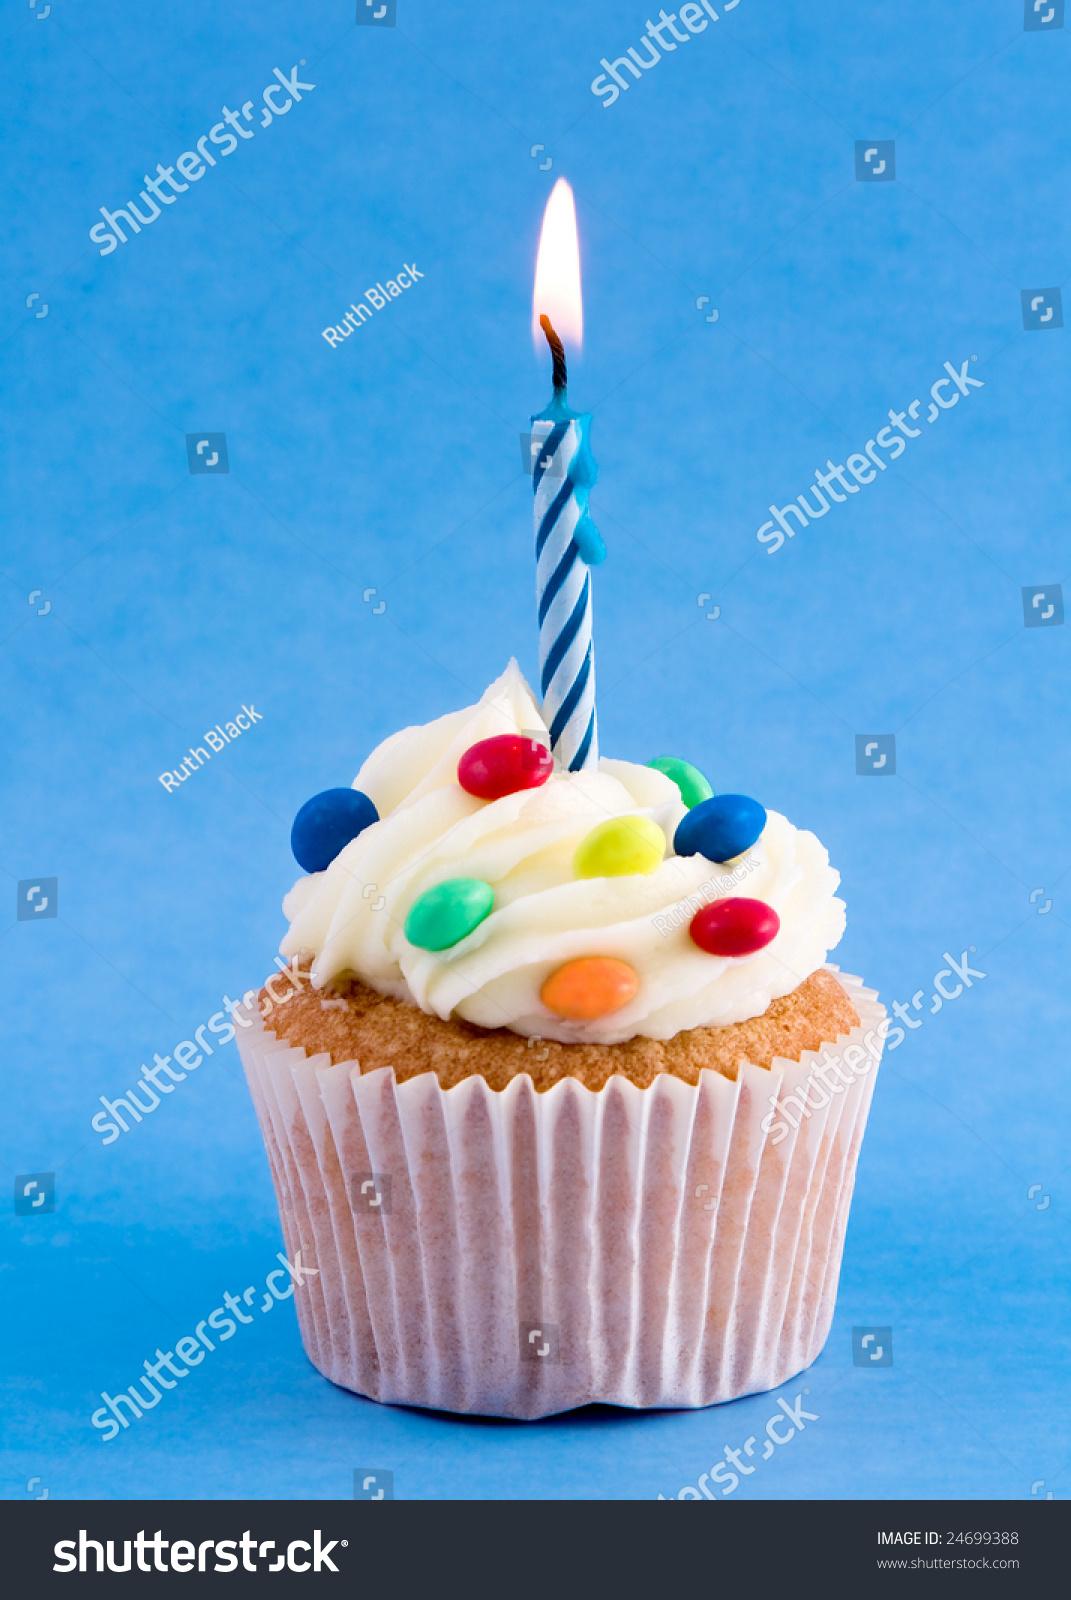 Birthday Cupcake Stock Photo 24699388 Shutterstock